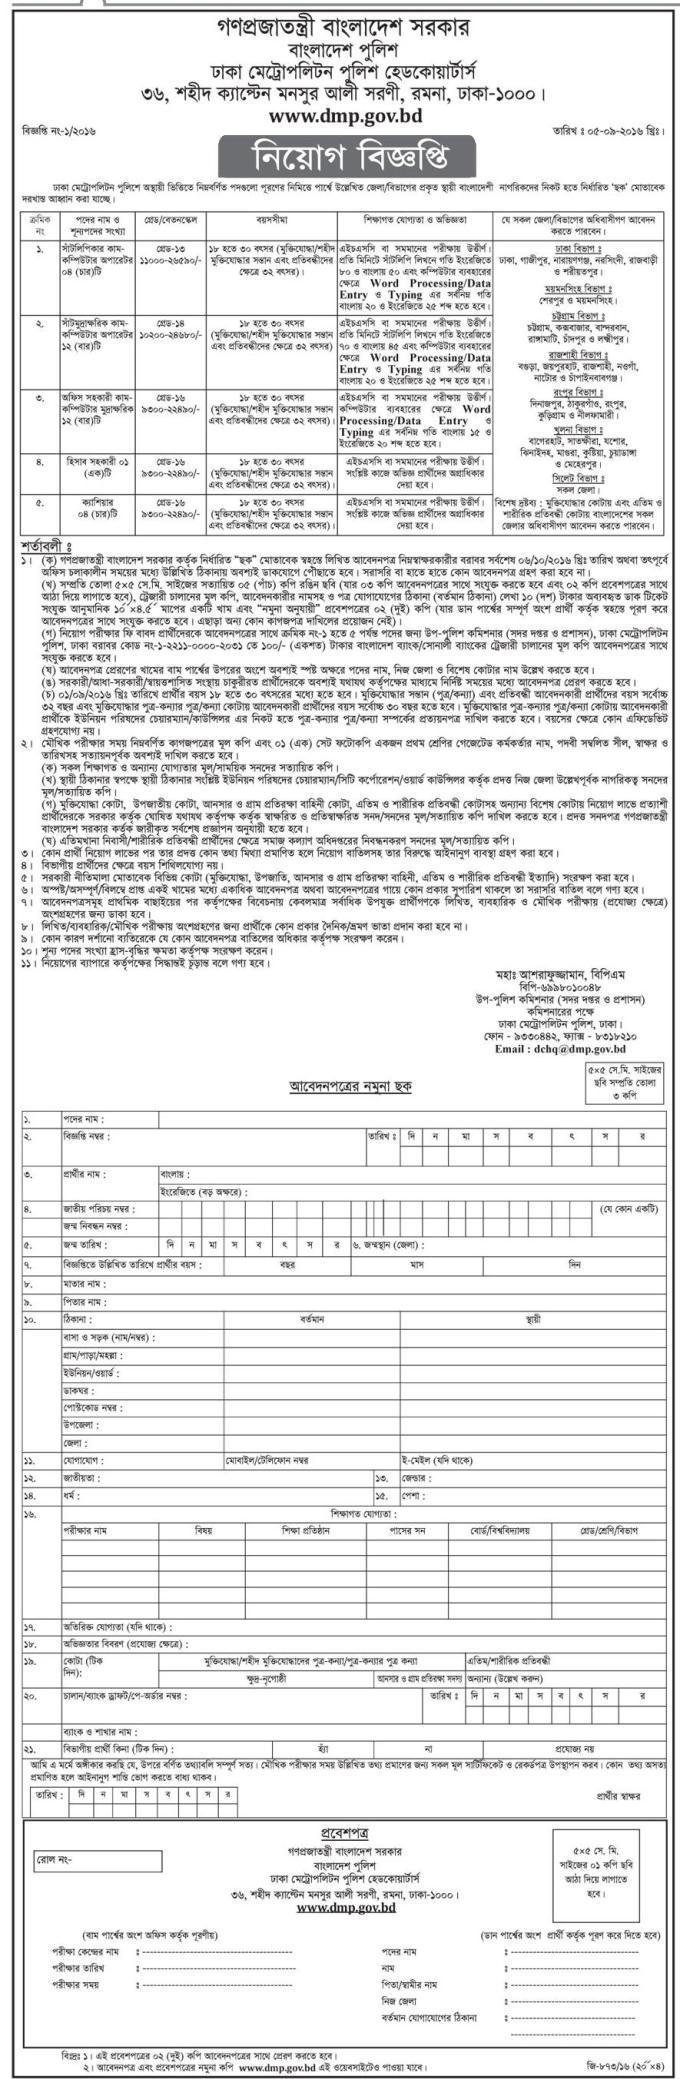 DMP Govt Job Circular 2016